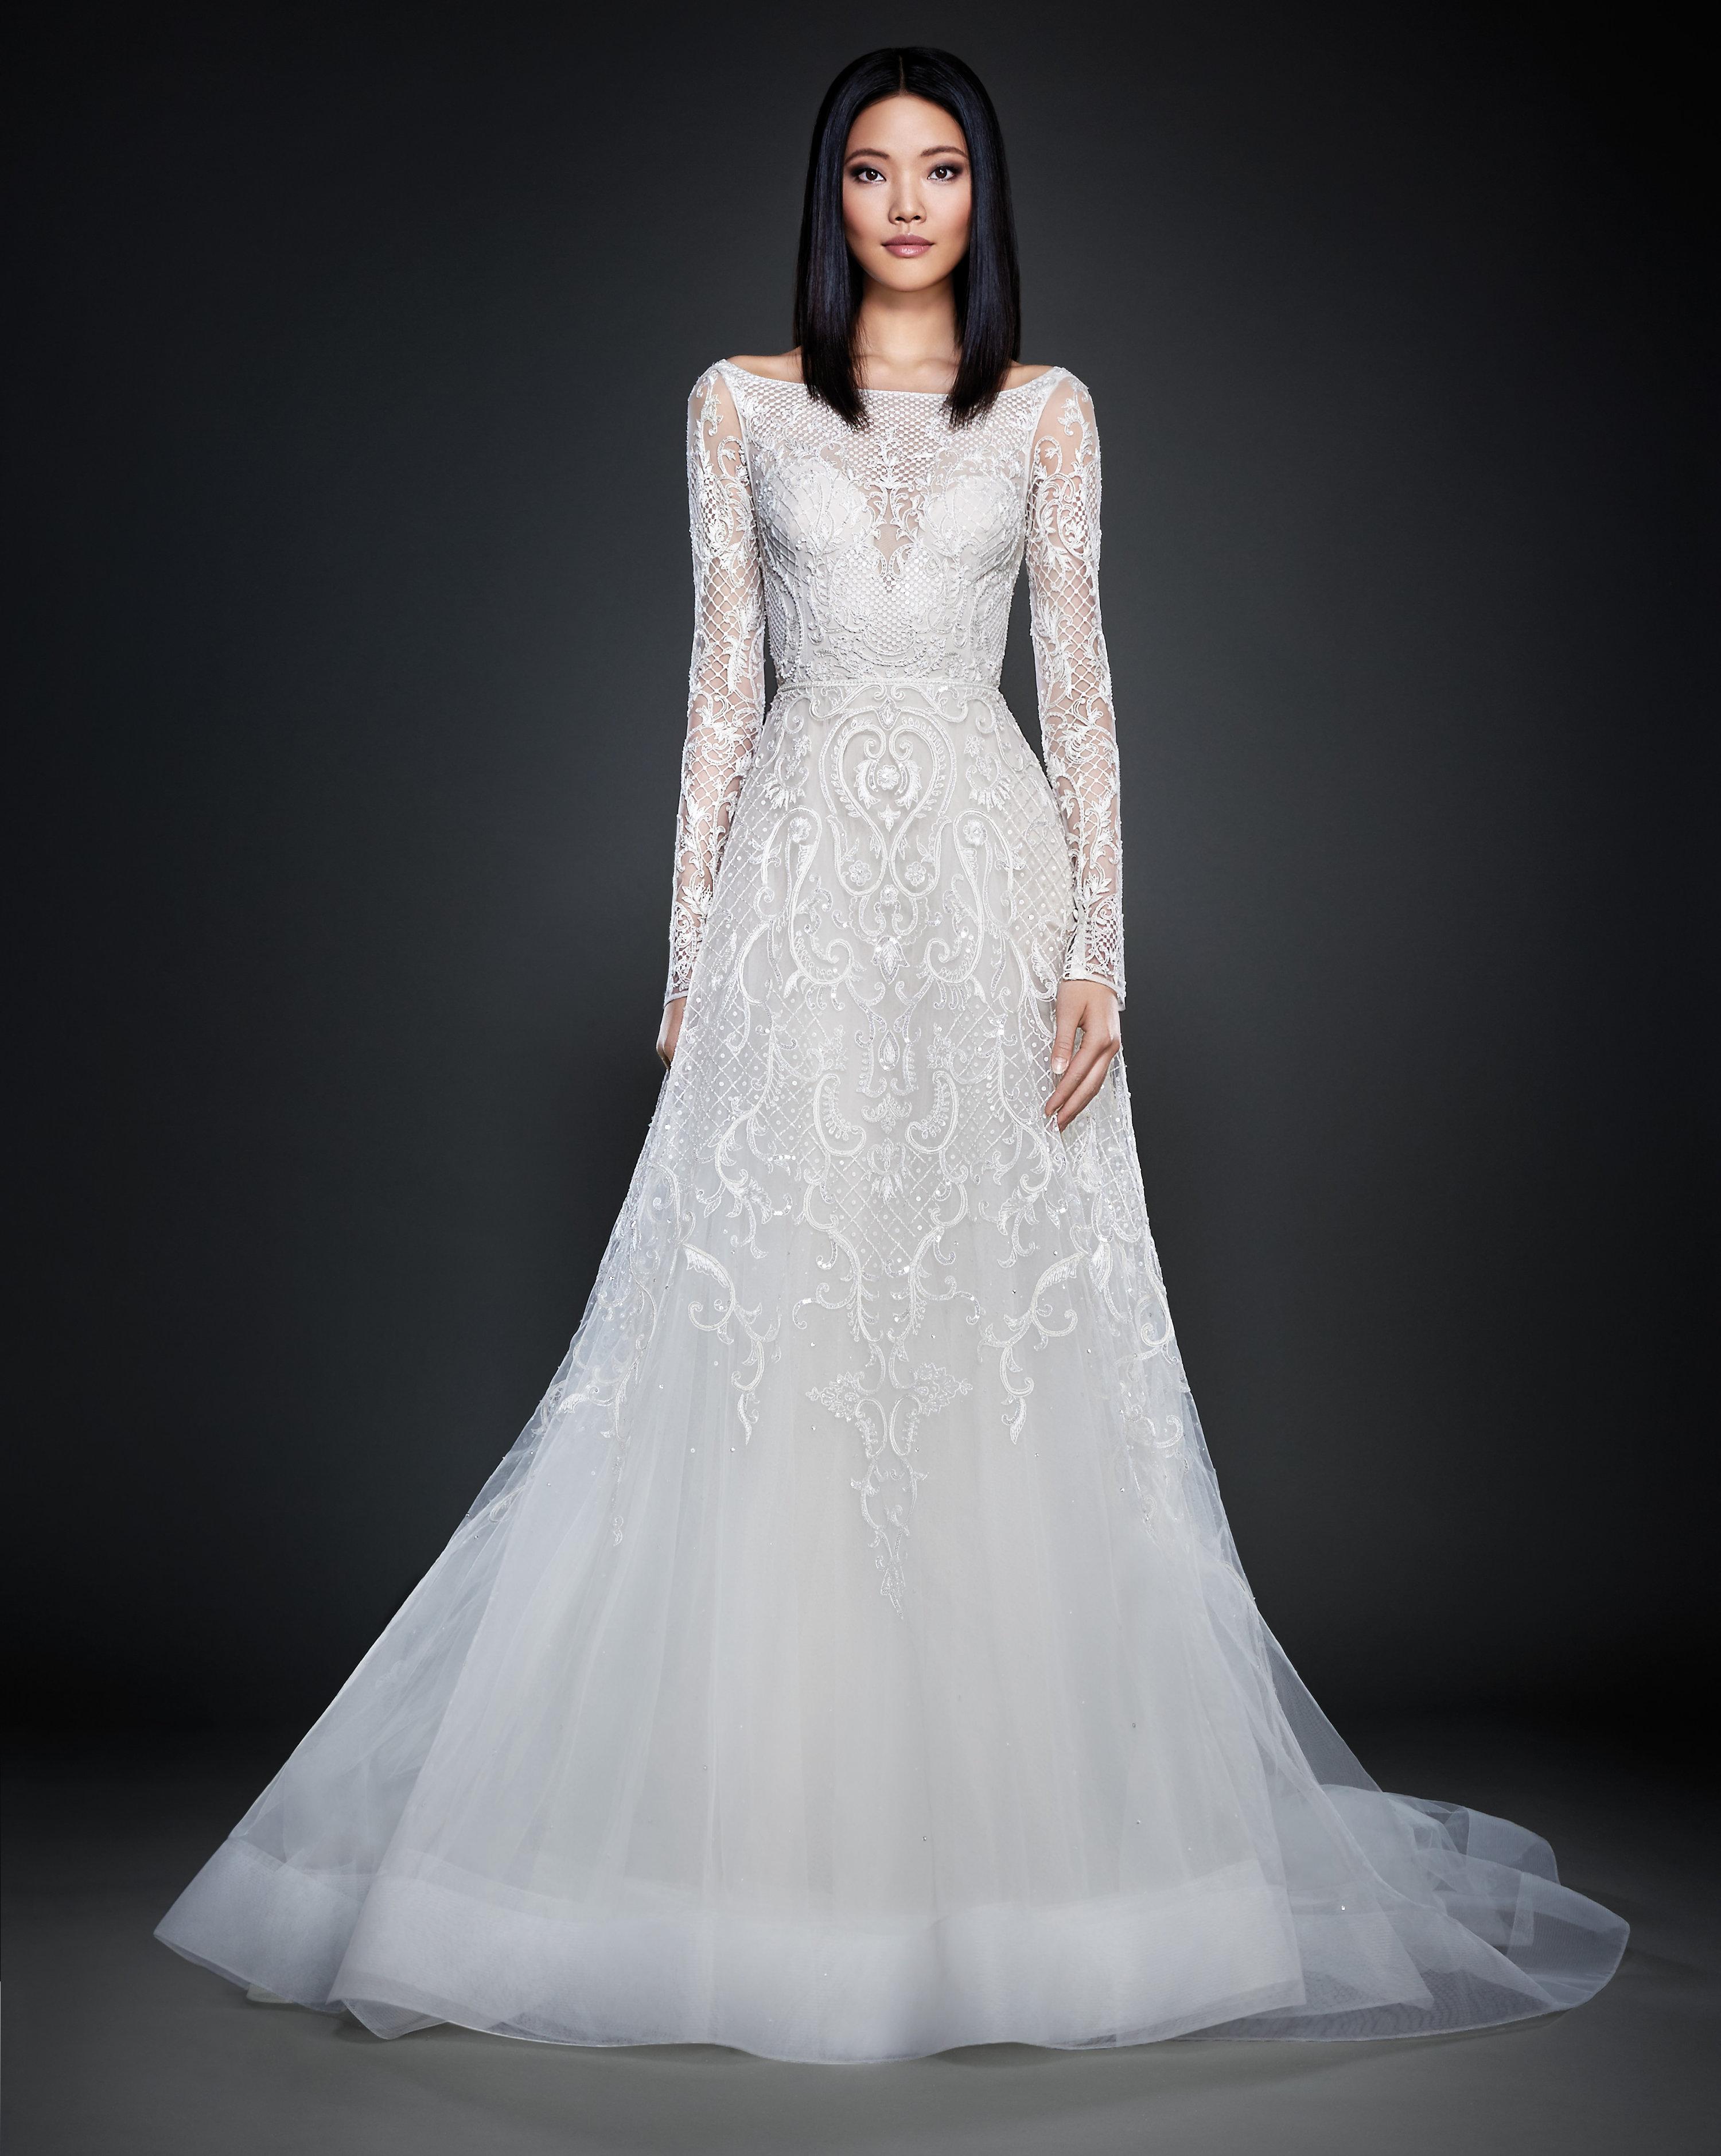 Lazaro wedding dresses price